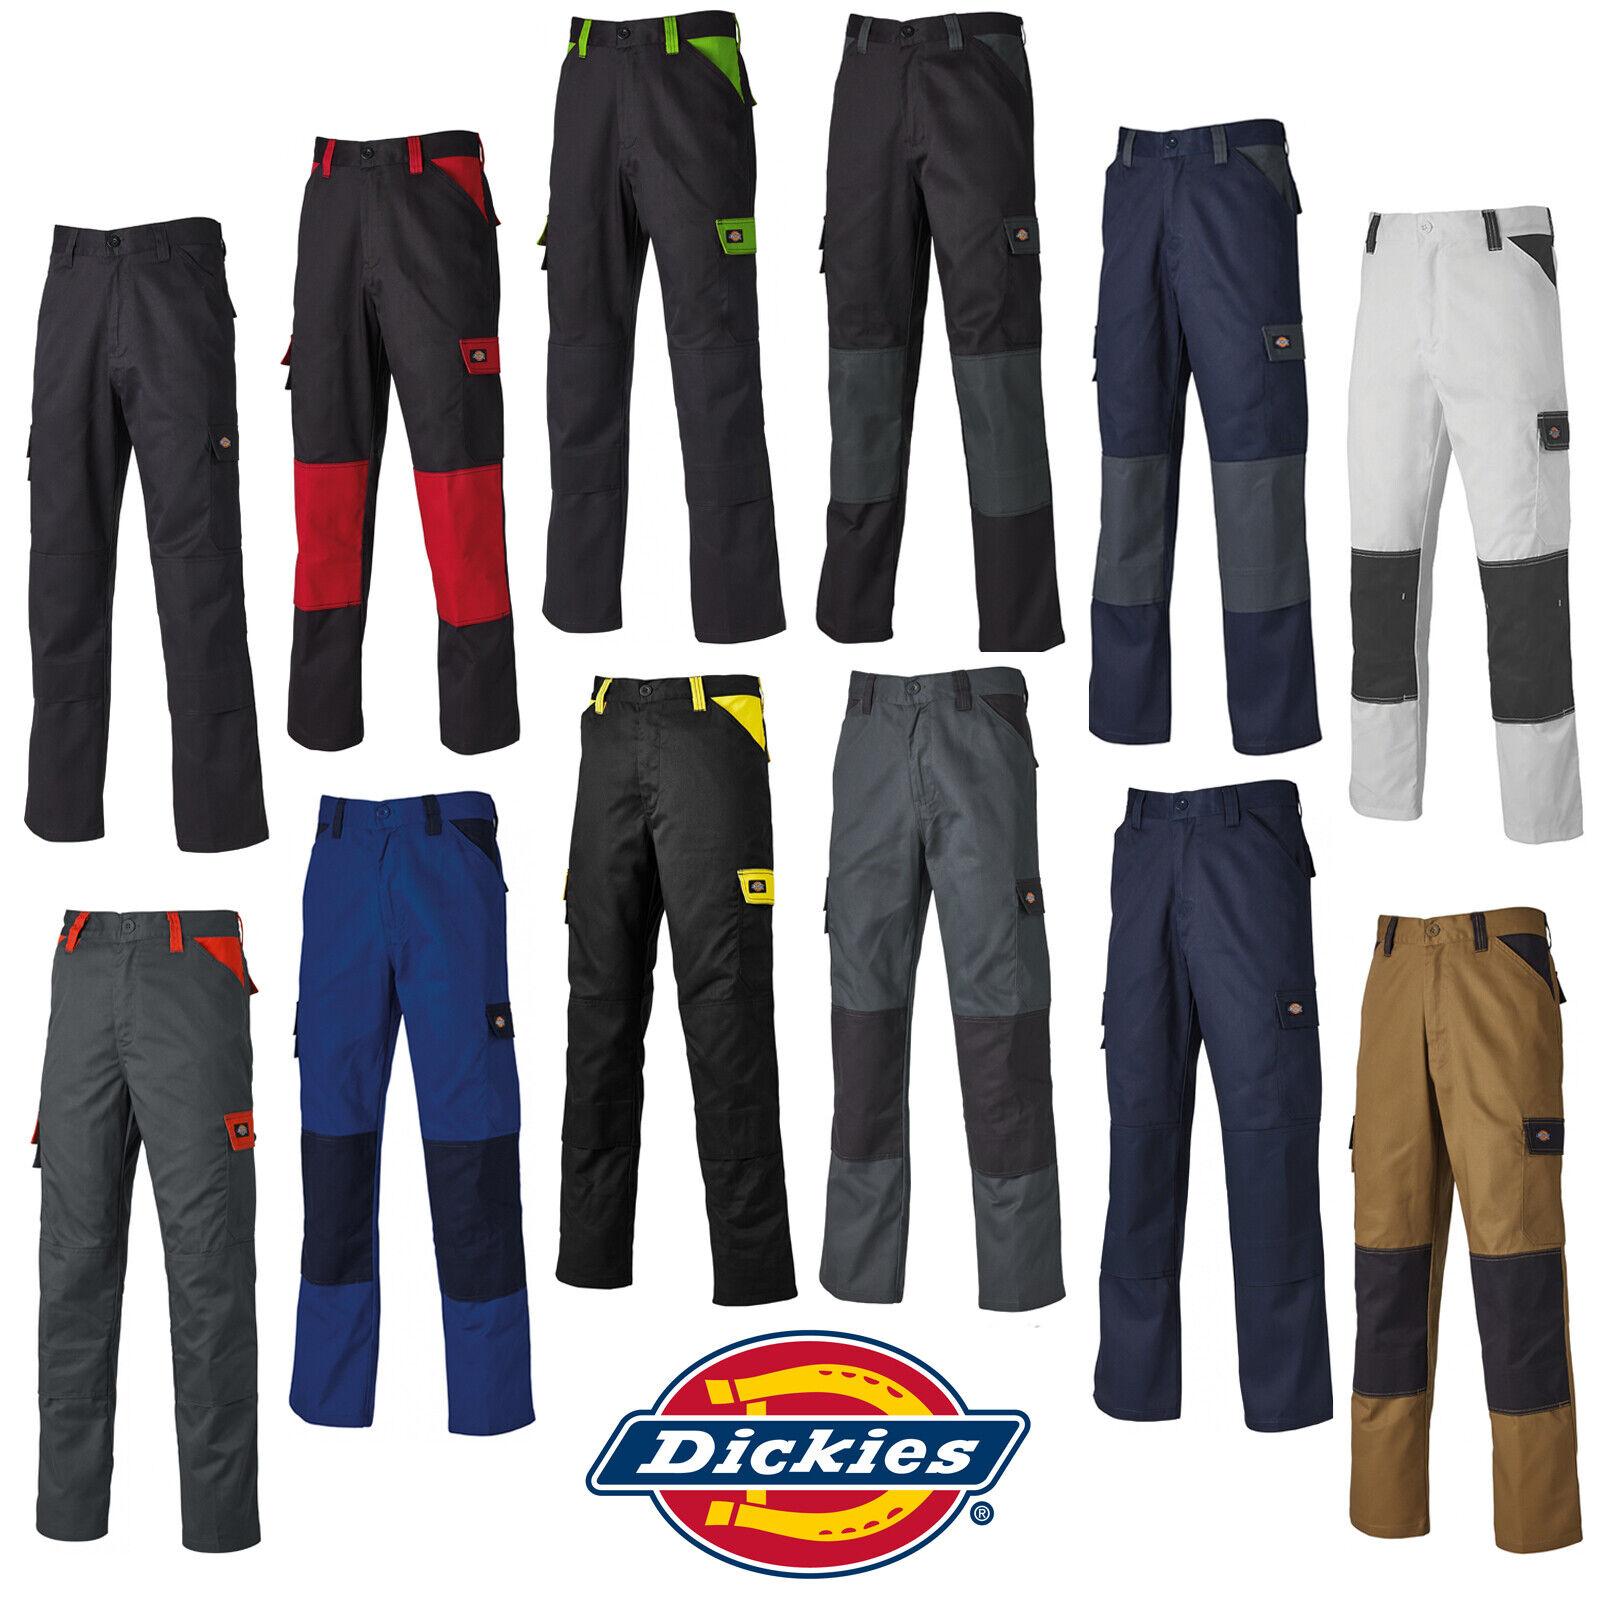 Dickies Diario Pantalones Hombre Ligero Duradero Industrial Trabajo Ed247r Ebay